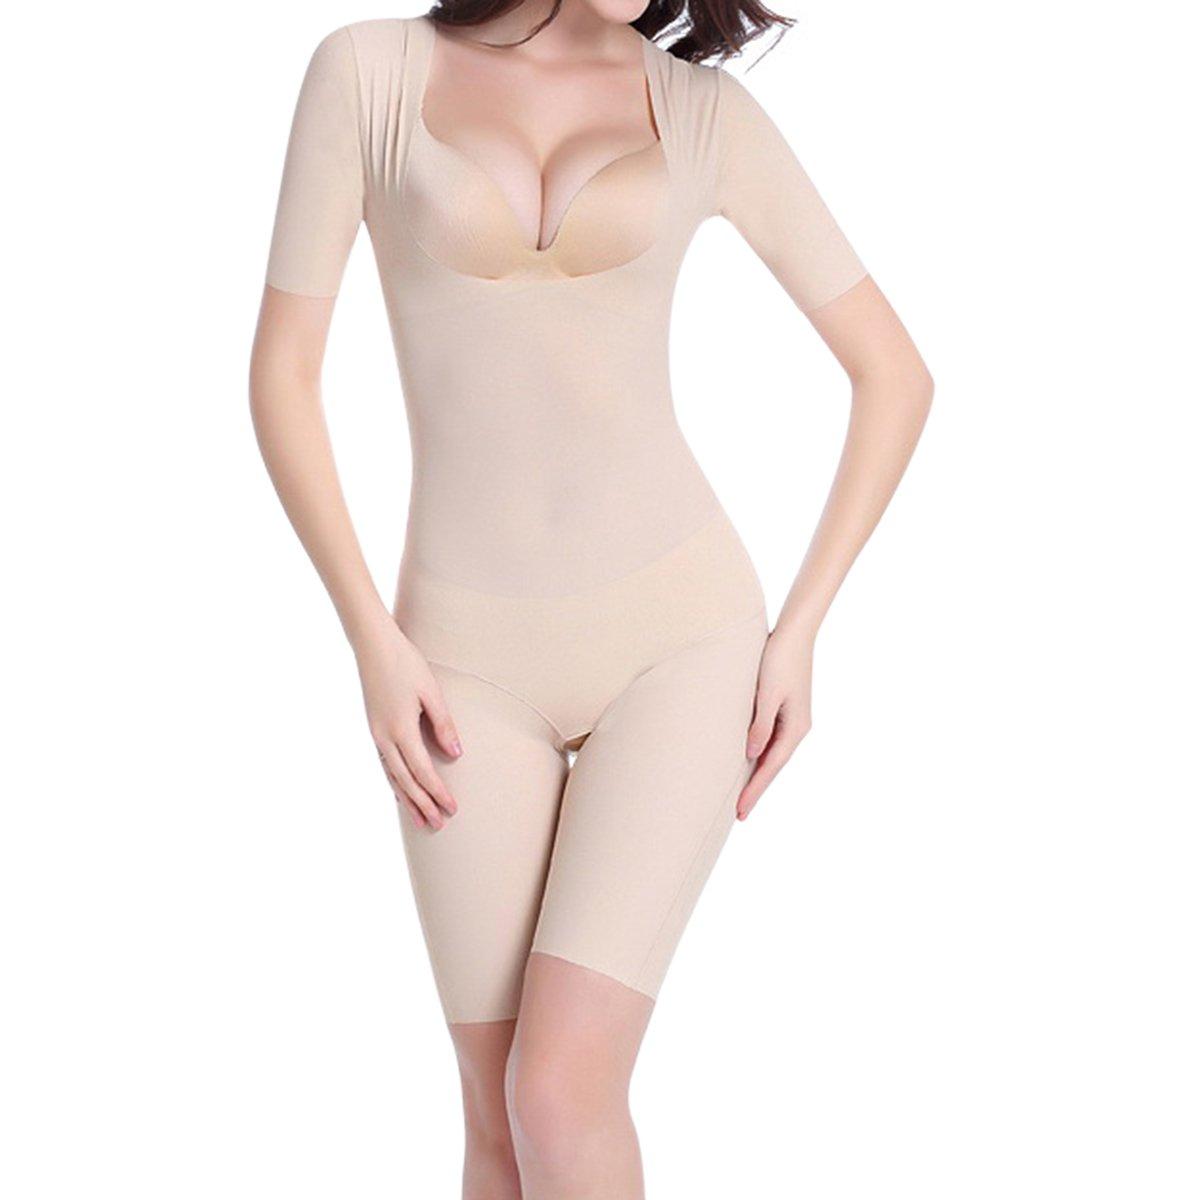 Shymay Slimmer Control Shapewear Bodysuit